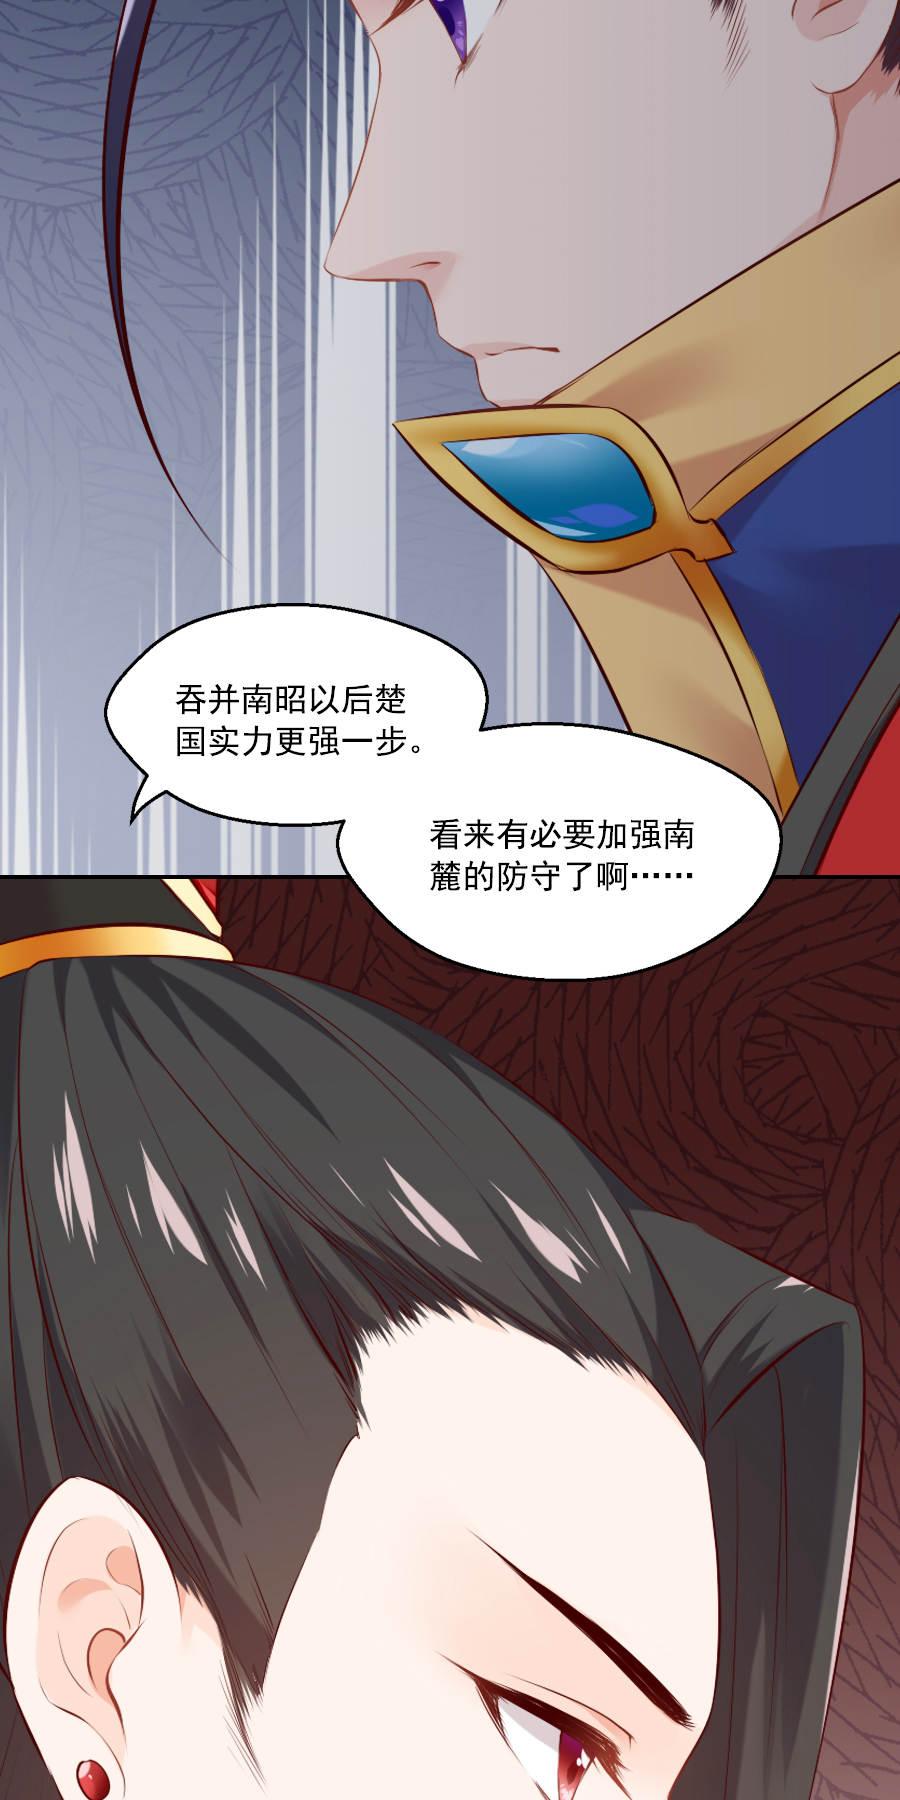 盛世帝王妃第52话  疑心暗生 第 13